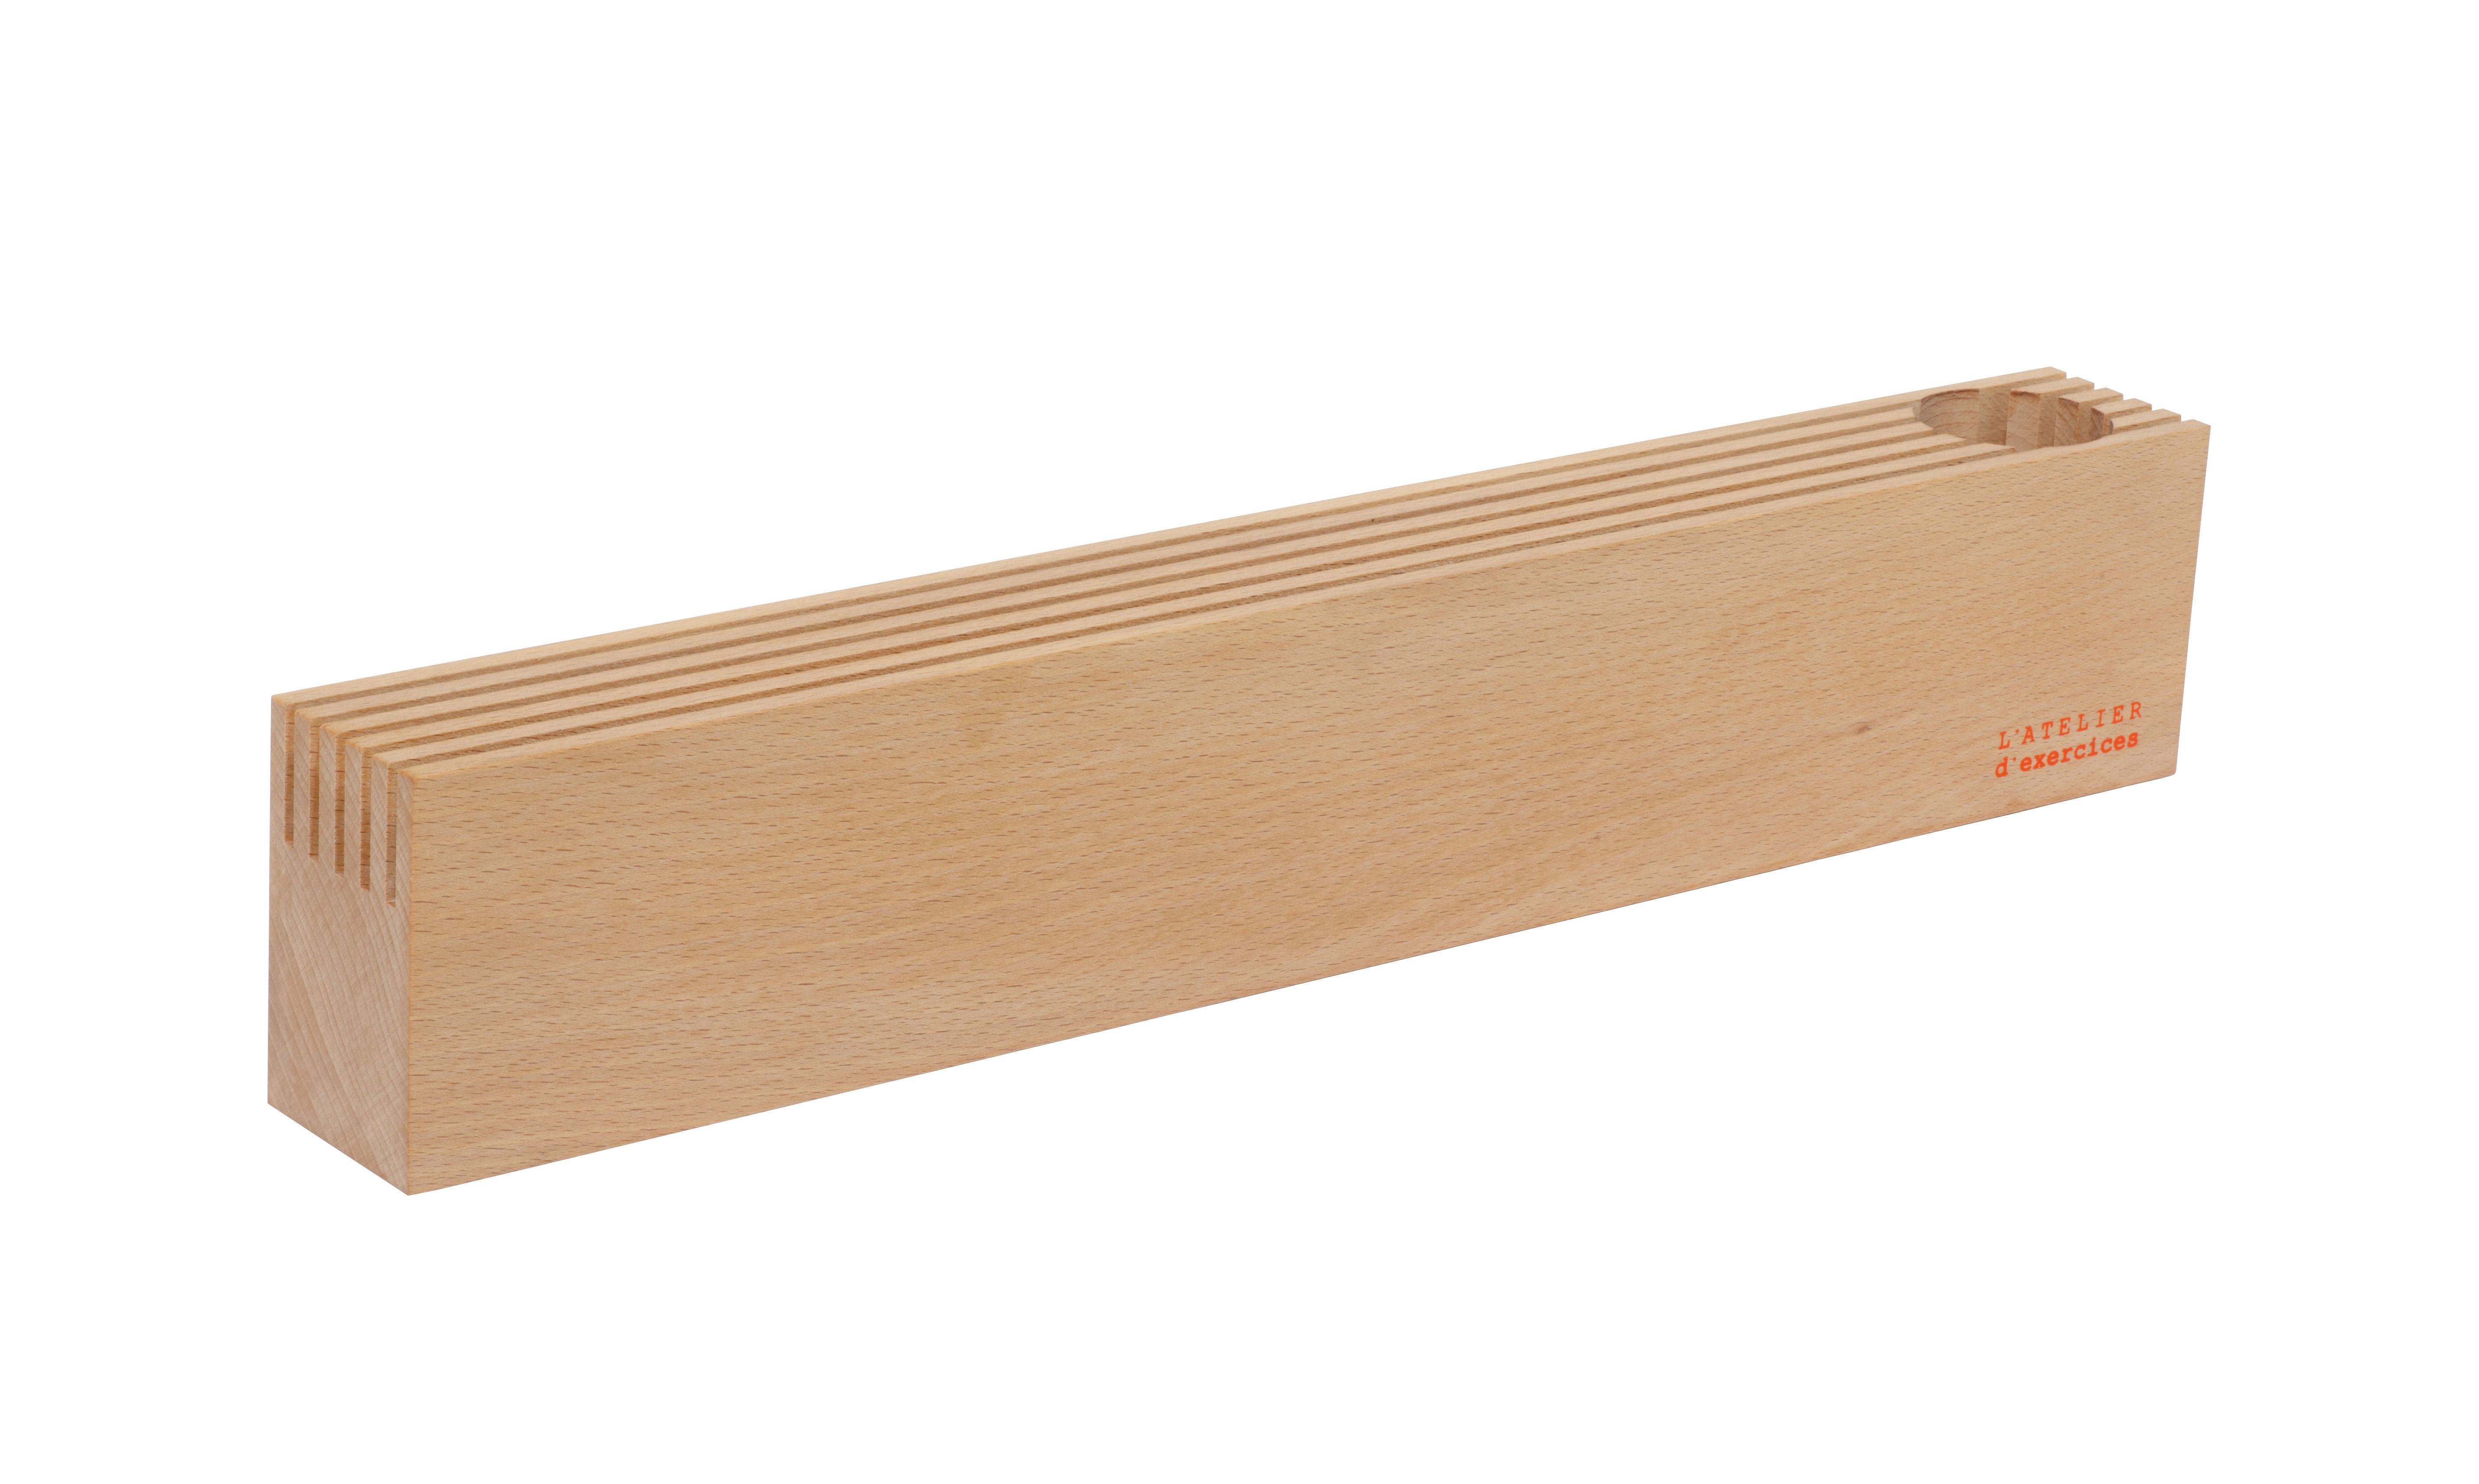 Organiseur de bureau latelier dexercices bois clair l 50 x l